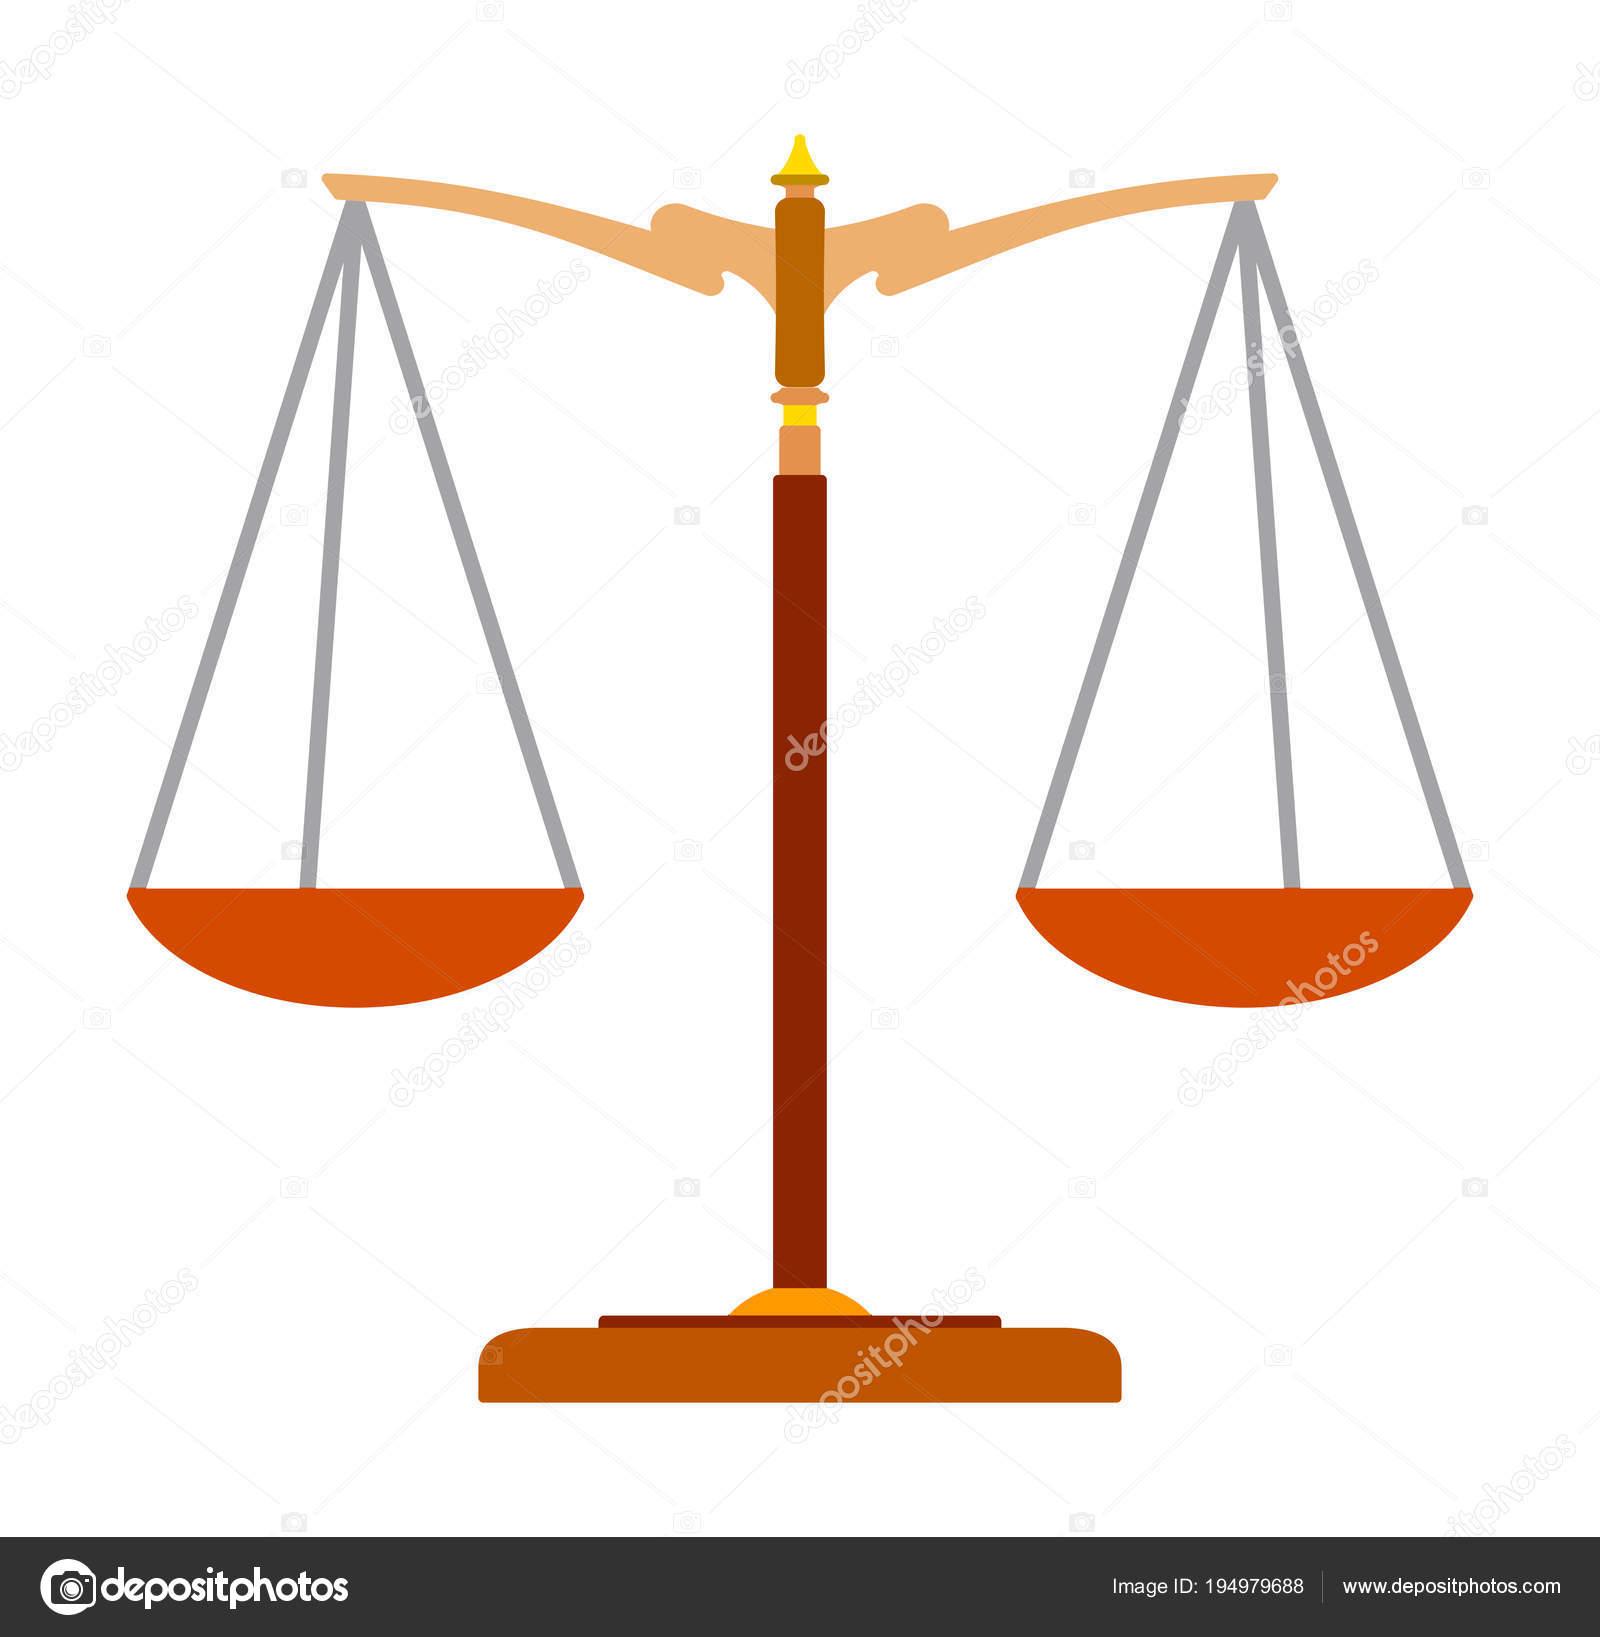 Icona Variopinta Piatto Della Bilancia Della Giustizia Simbolo